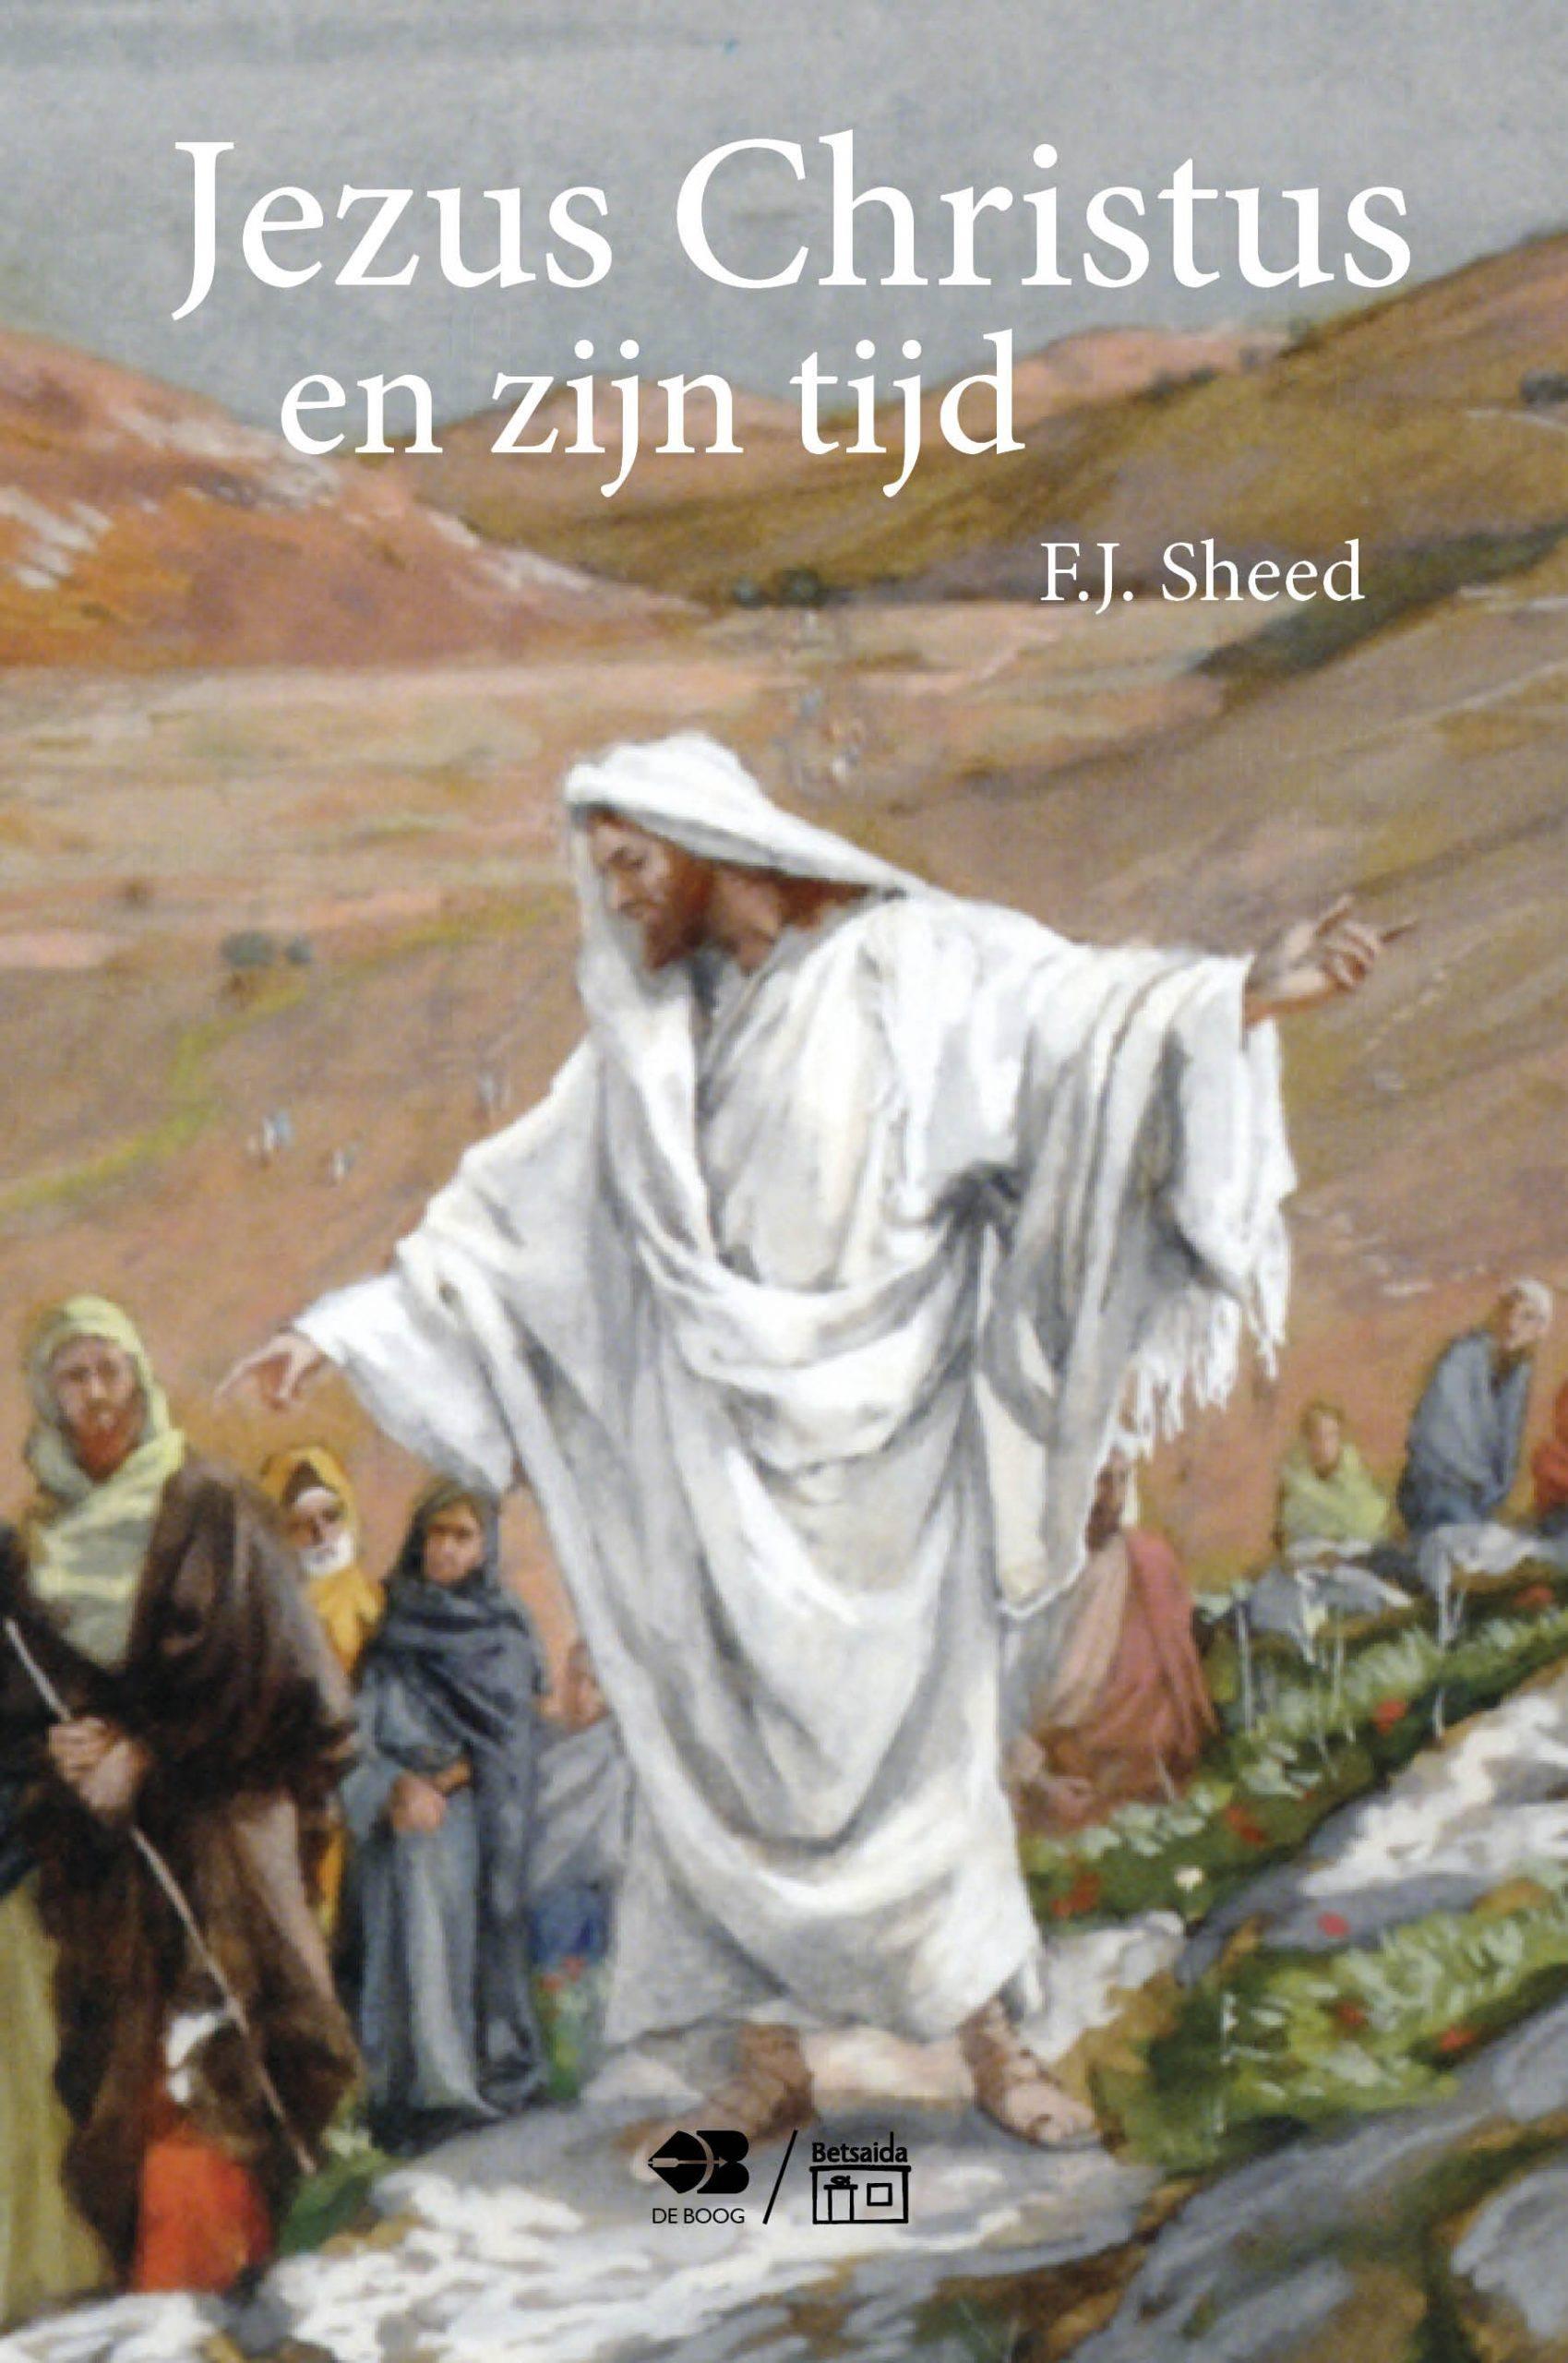 Jezus-Christus-en-zijn-tijd-website